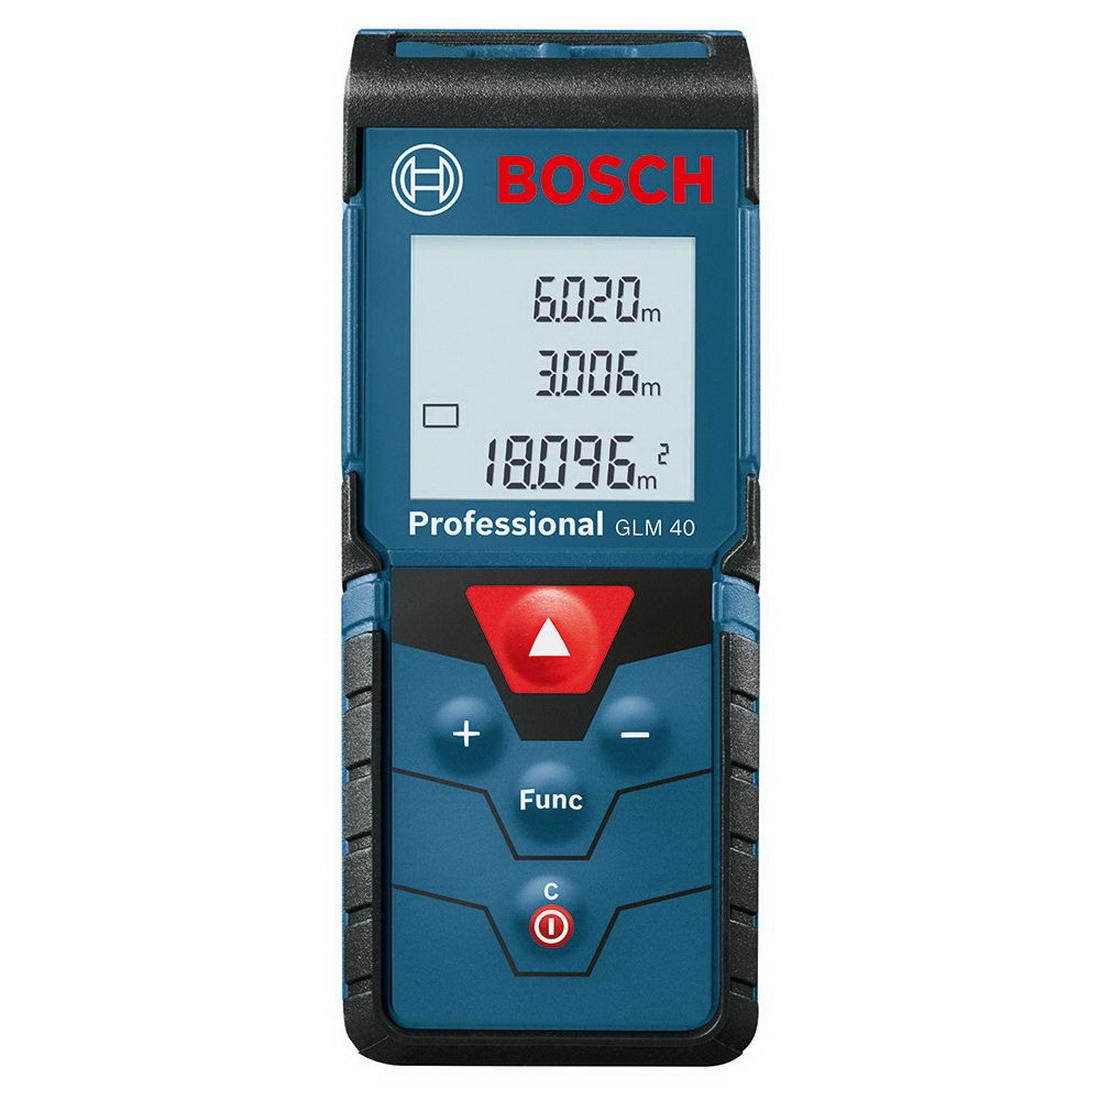 GLM 40 Professional Laser Measure 0.15-40m 601072980